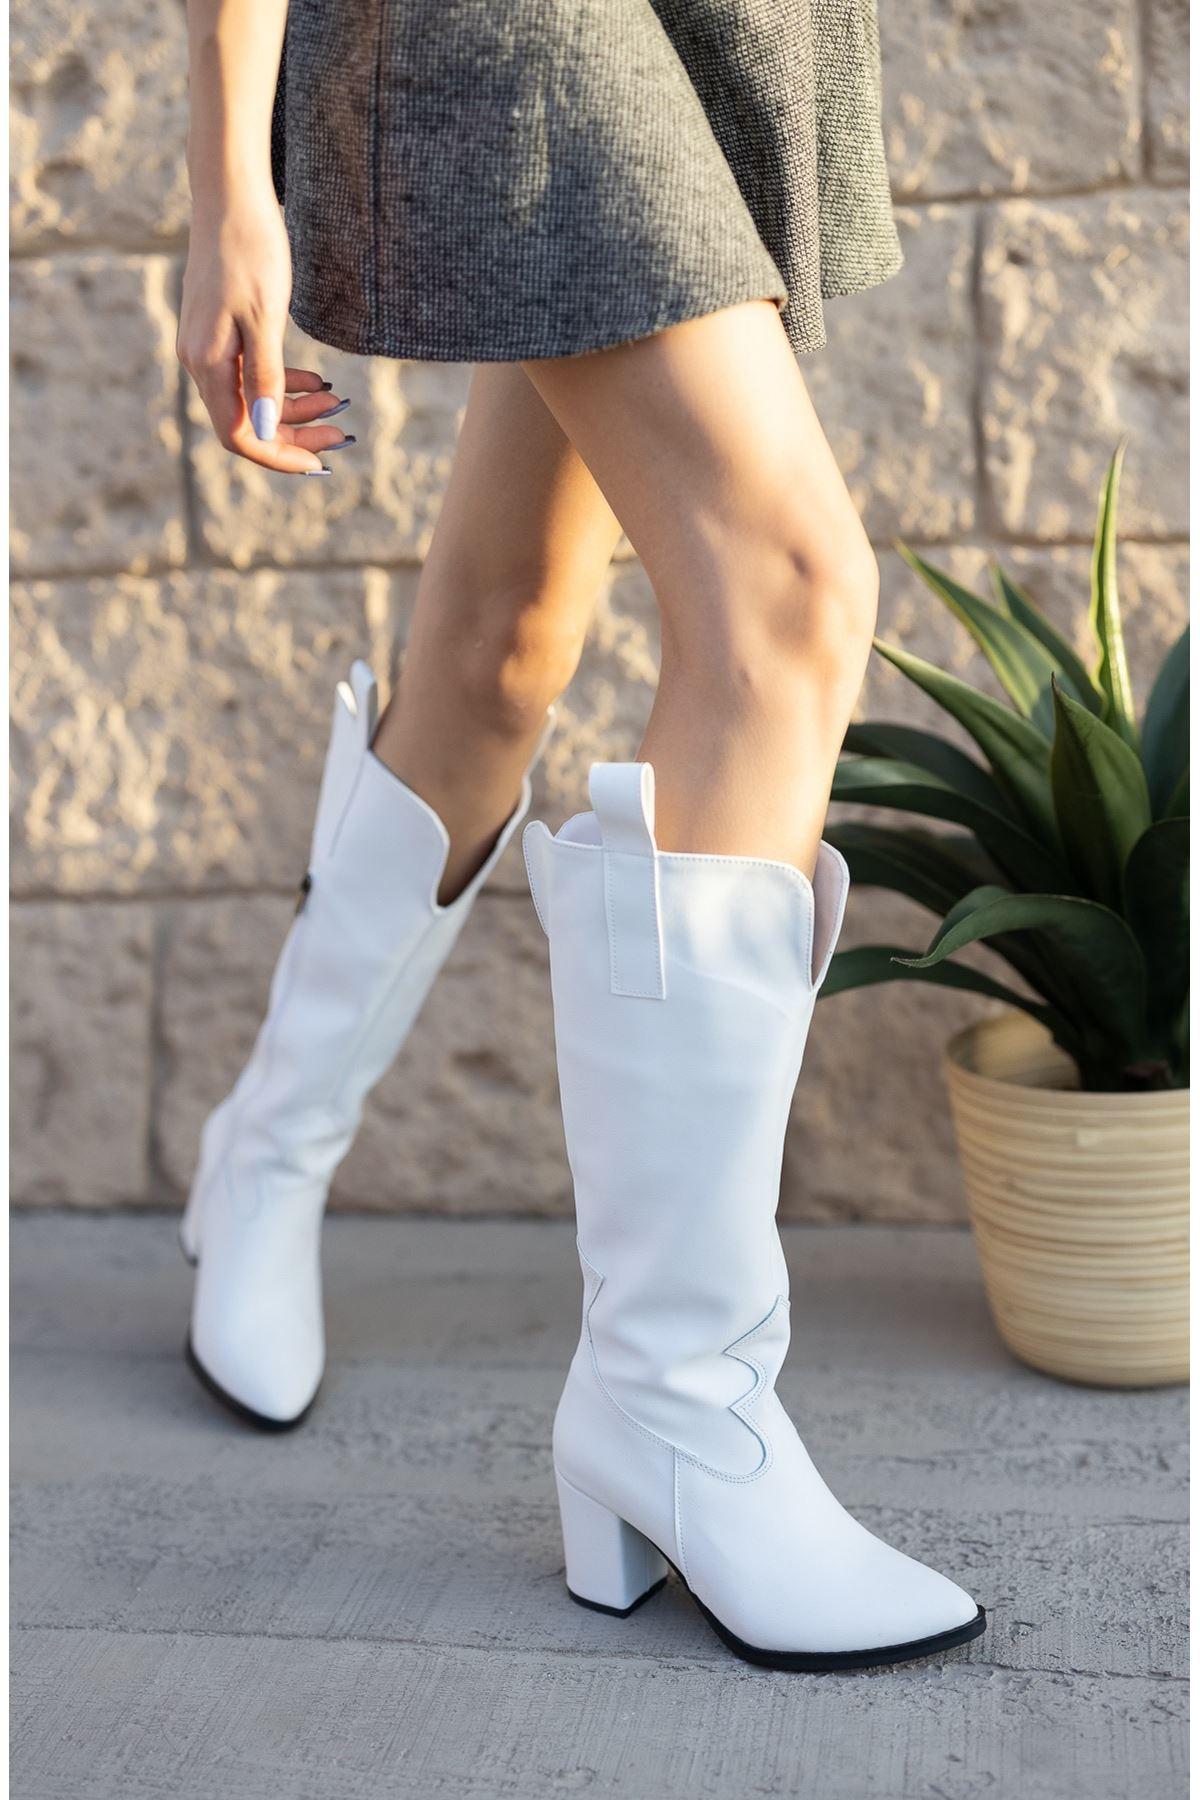 Kadın Jona Kısa Topuklu Beyaz Kovboy Mat Deri Çizme